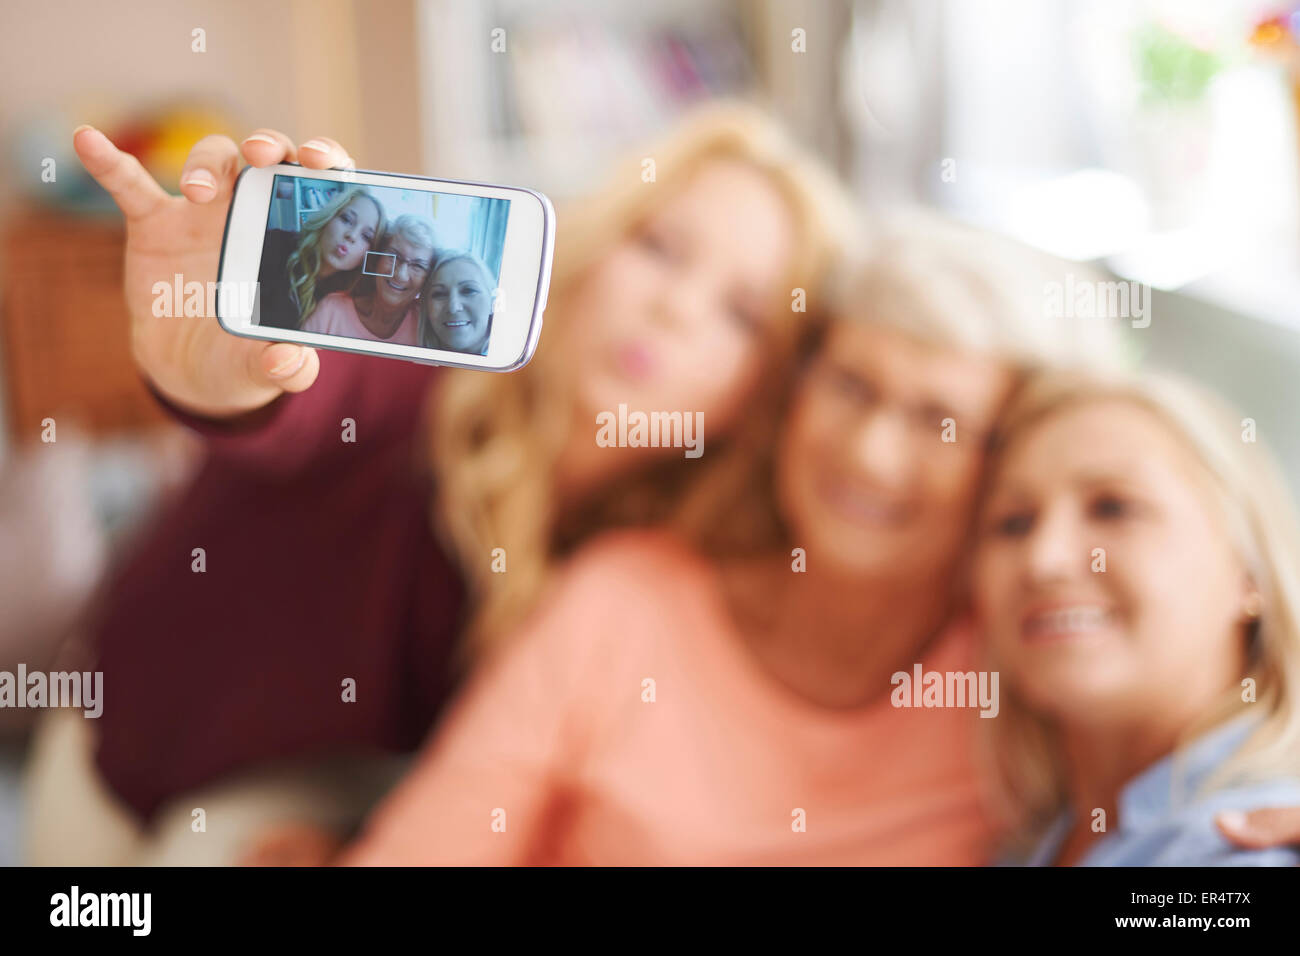 Jeune génération l'utilisation des nouvelles technologies. Debica, Photo Stock